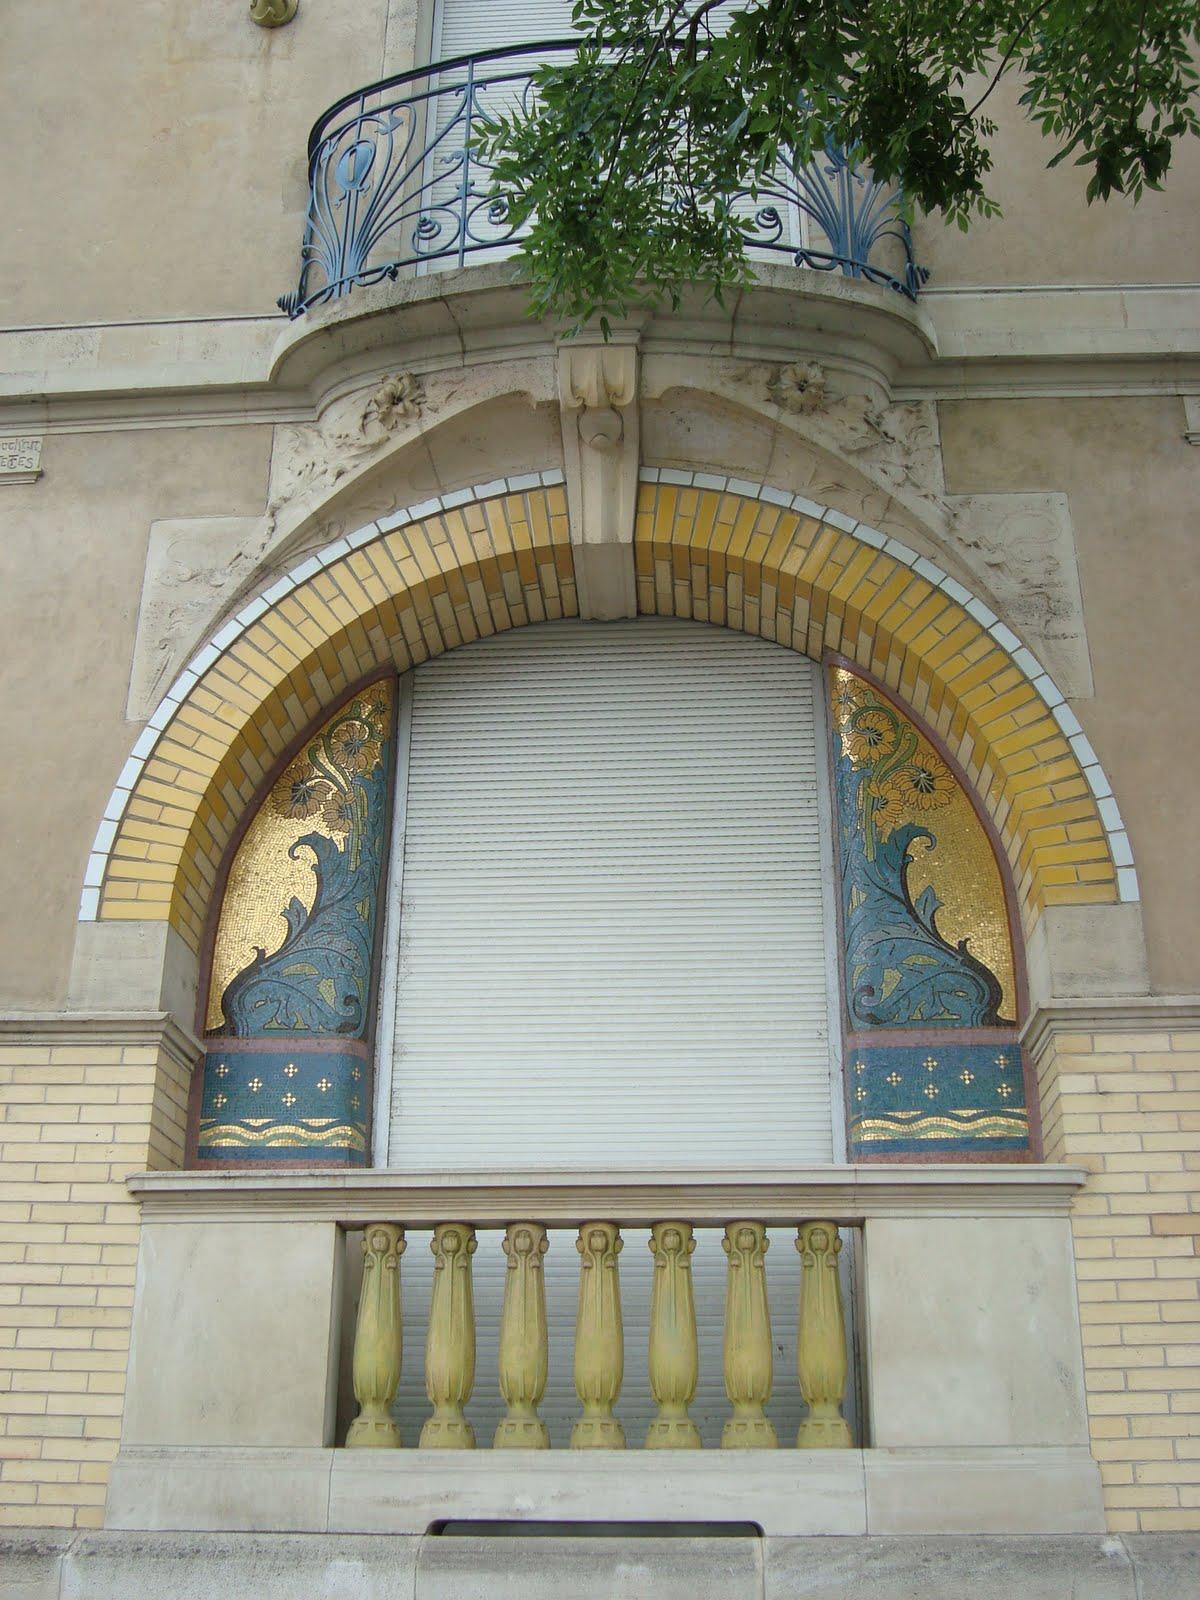 Paseos art nouveau maison geschwindenhammer 6ter quai Horaire piscine st georges rennes